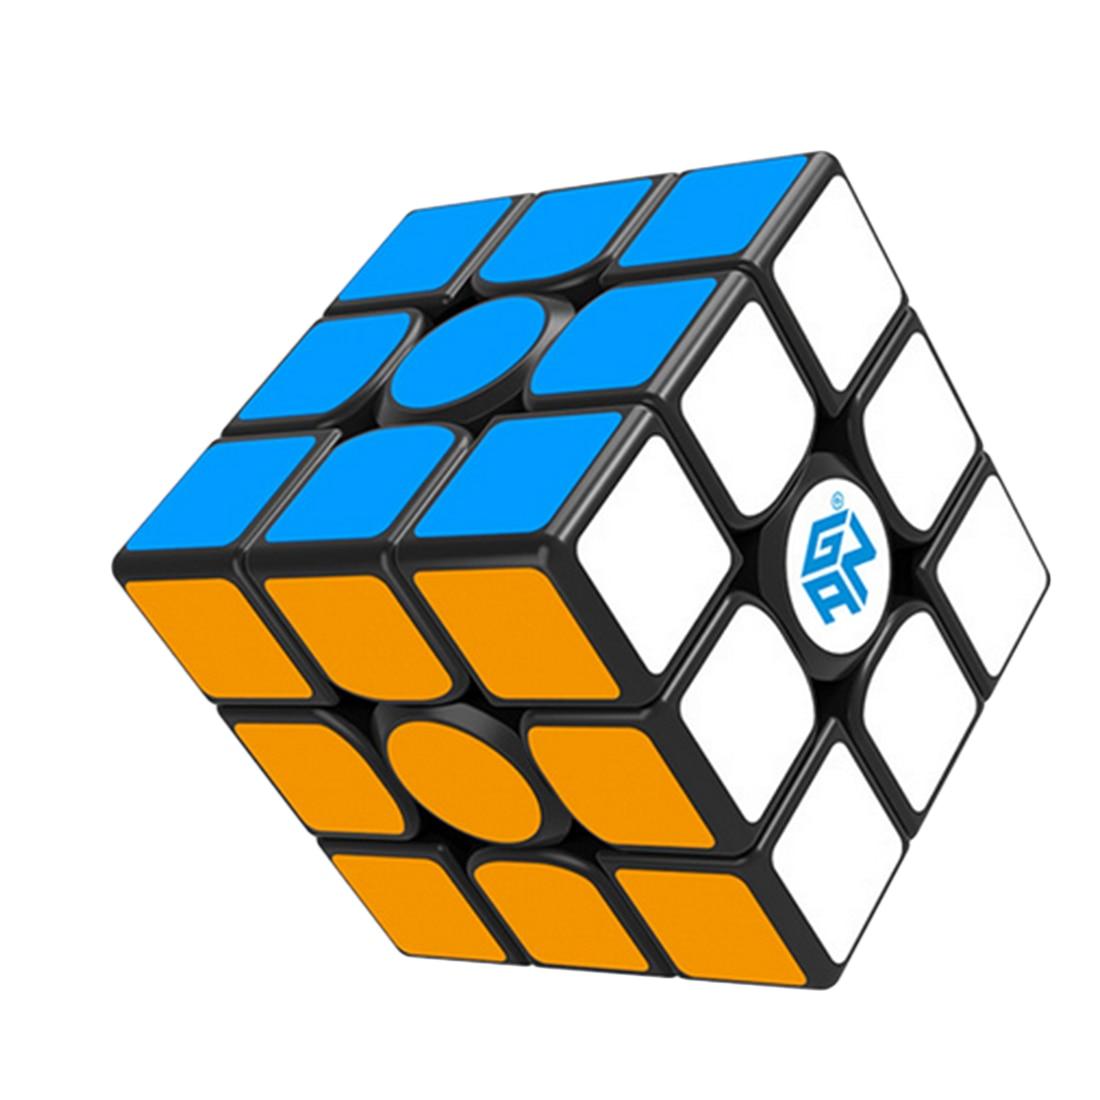 UTOYSLAND 60 pièces GAN356 Air SM Version magnétique Speedcubing 3x3 Cube magique pour compétition-noir